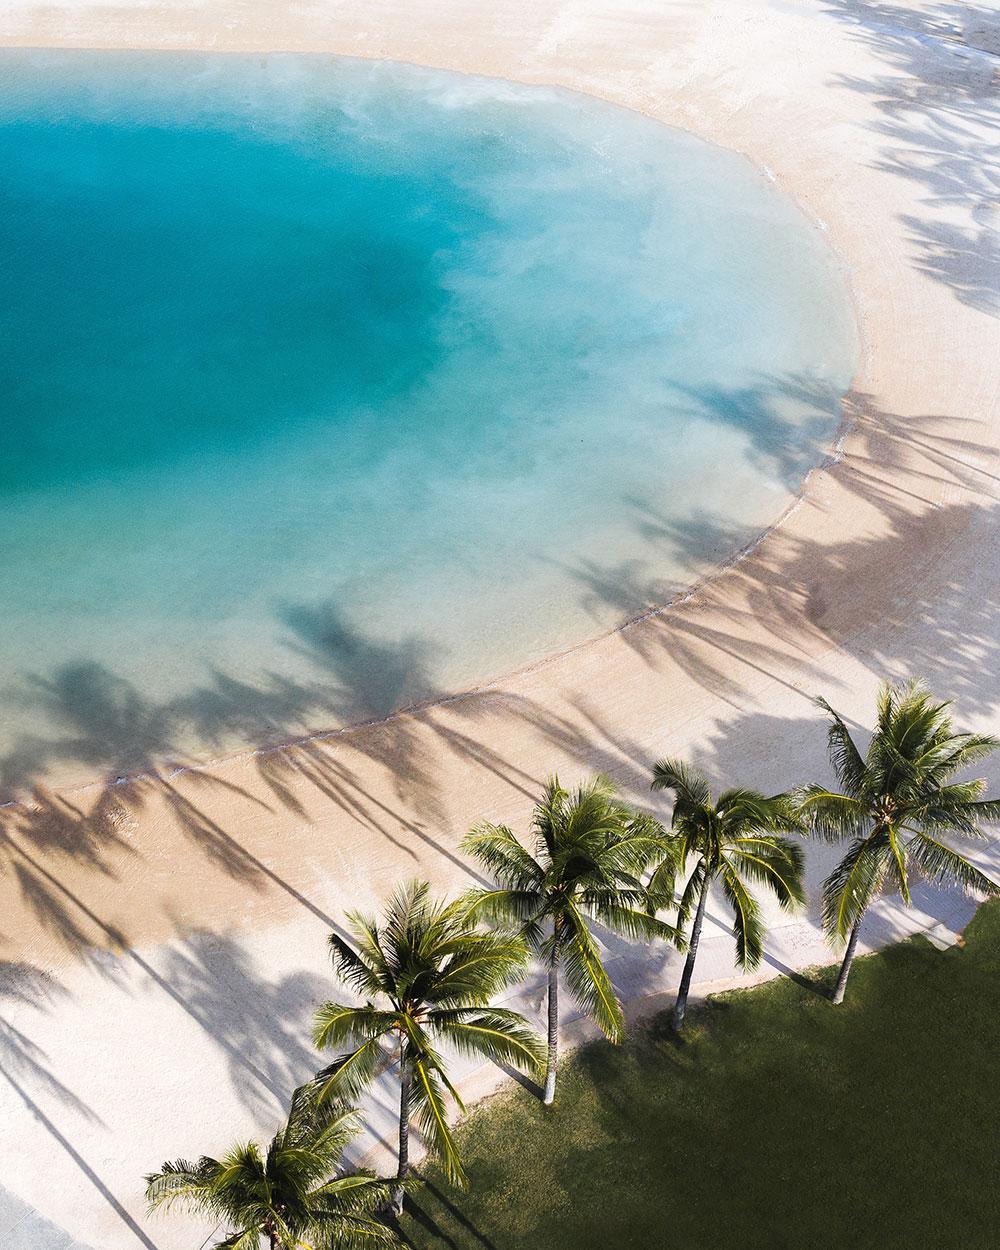 Plage eau turquoise et palmiers - Les Cro'coeurs Travel Planner et Blog Voyage